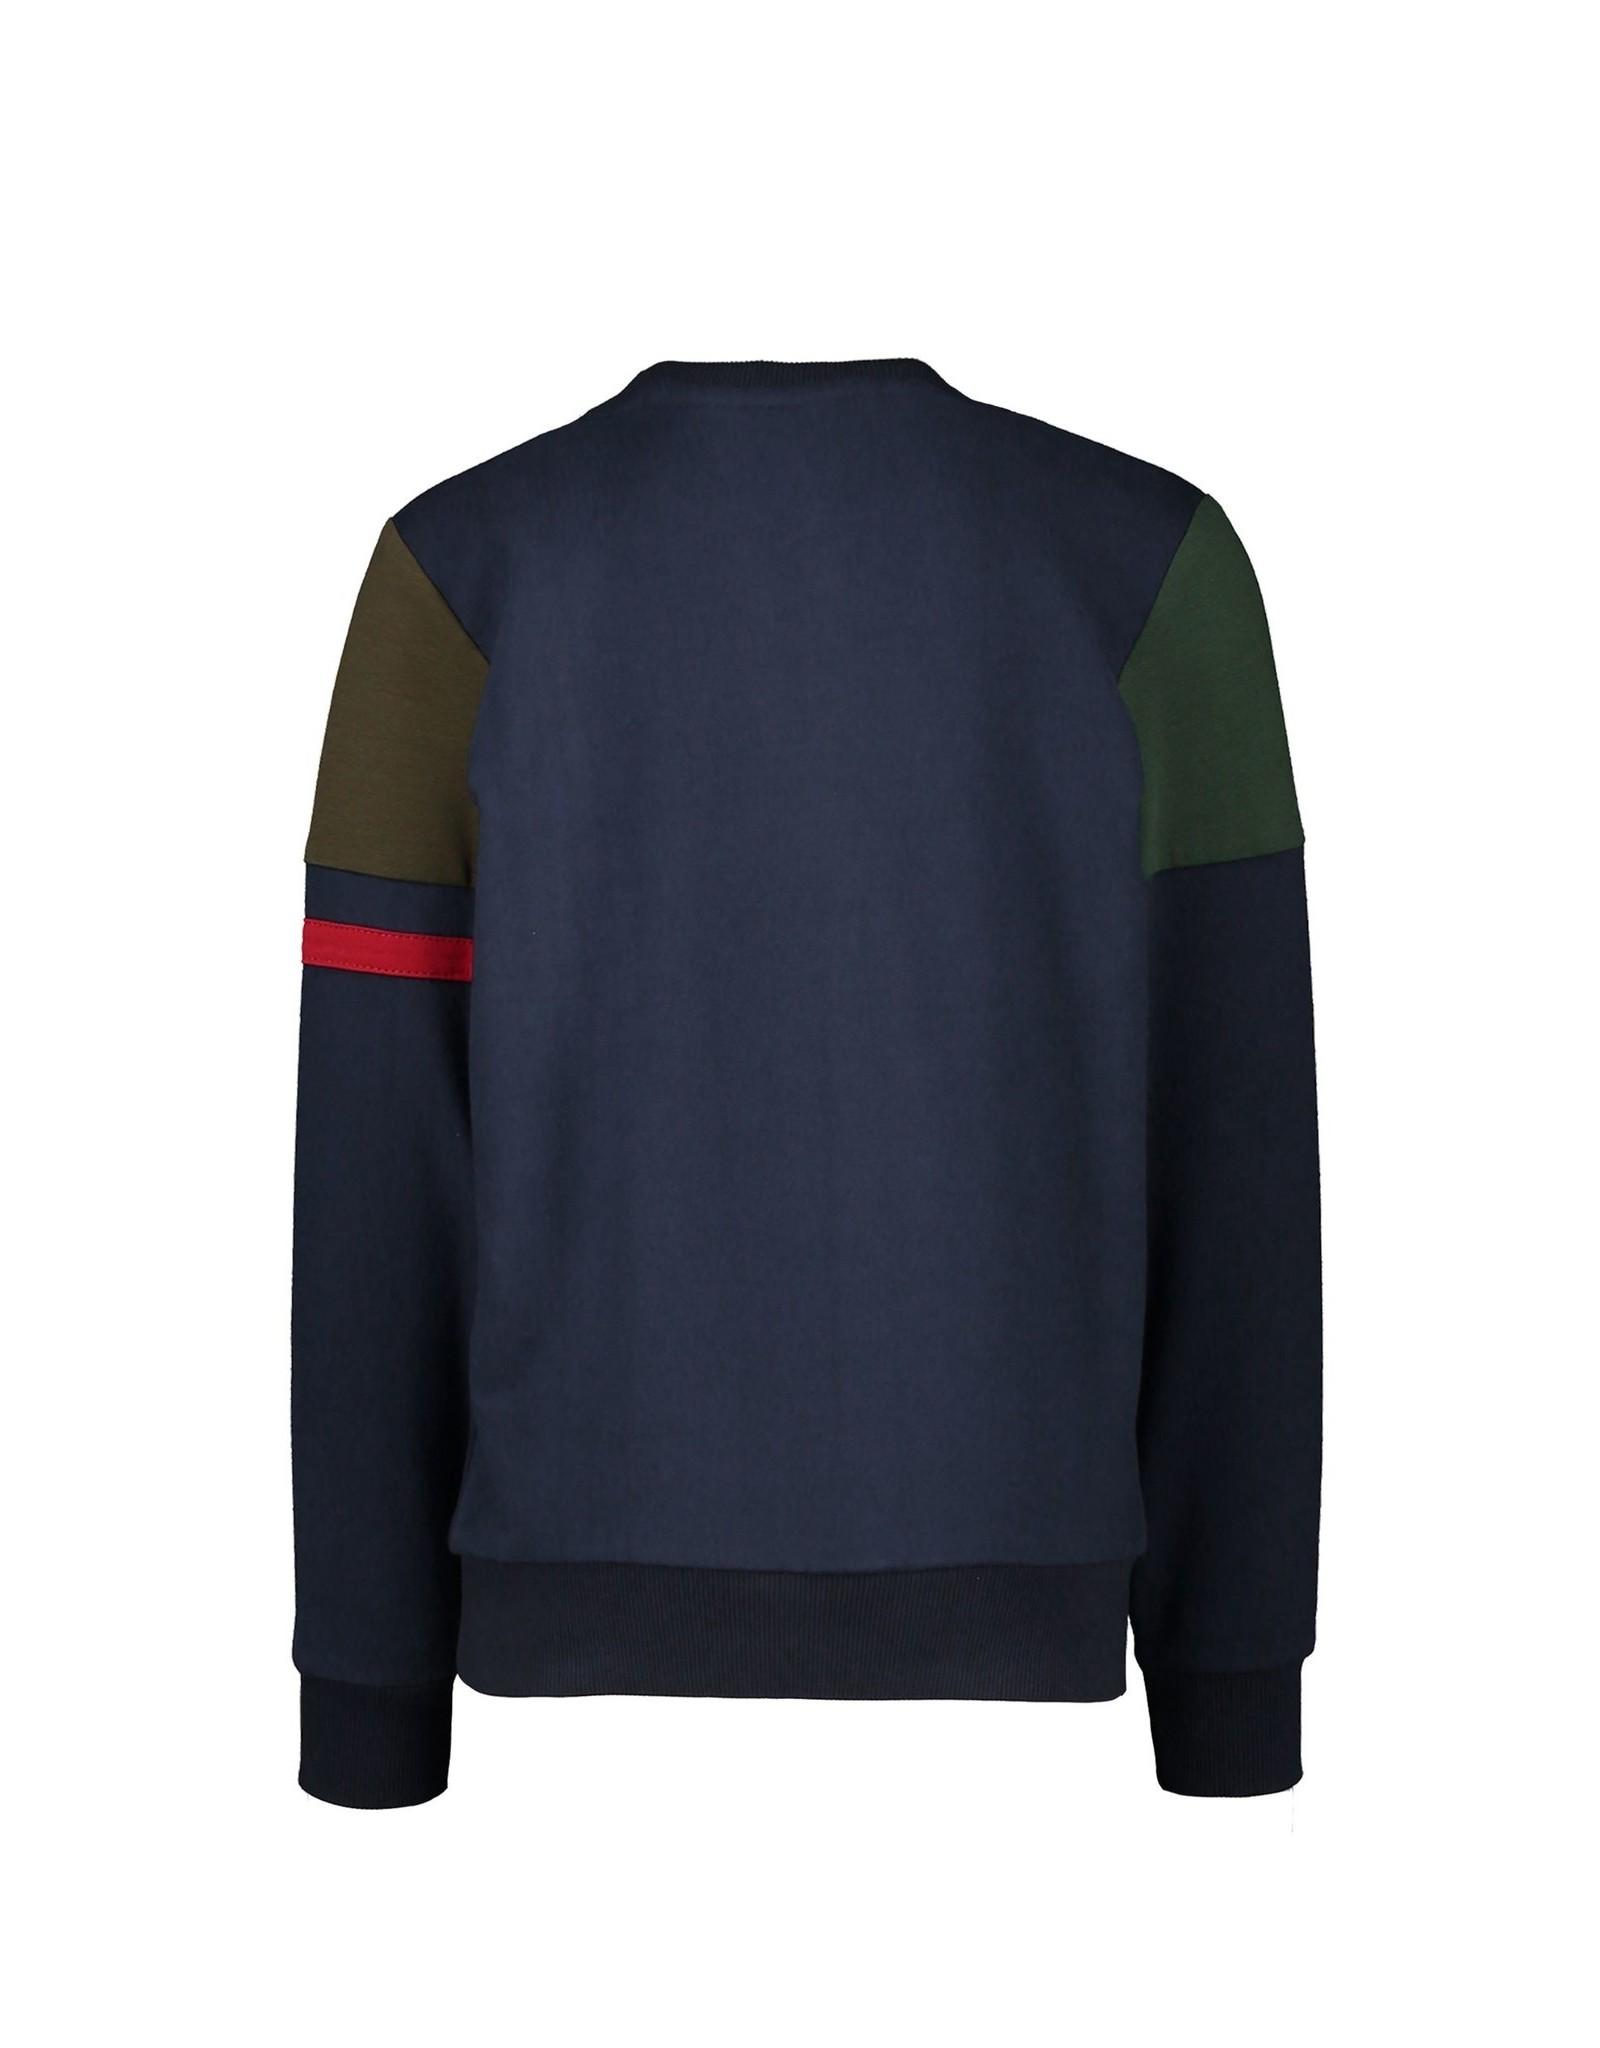 Moodstreet Moodstreet sweater 6386 navy